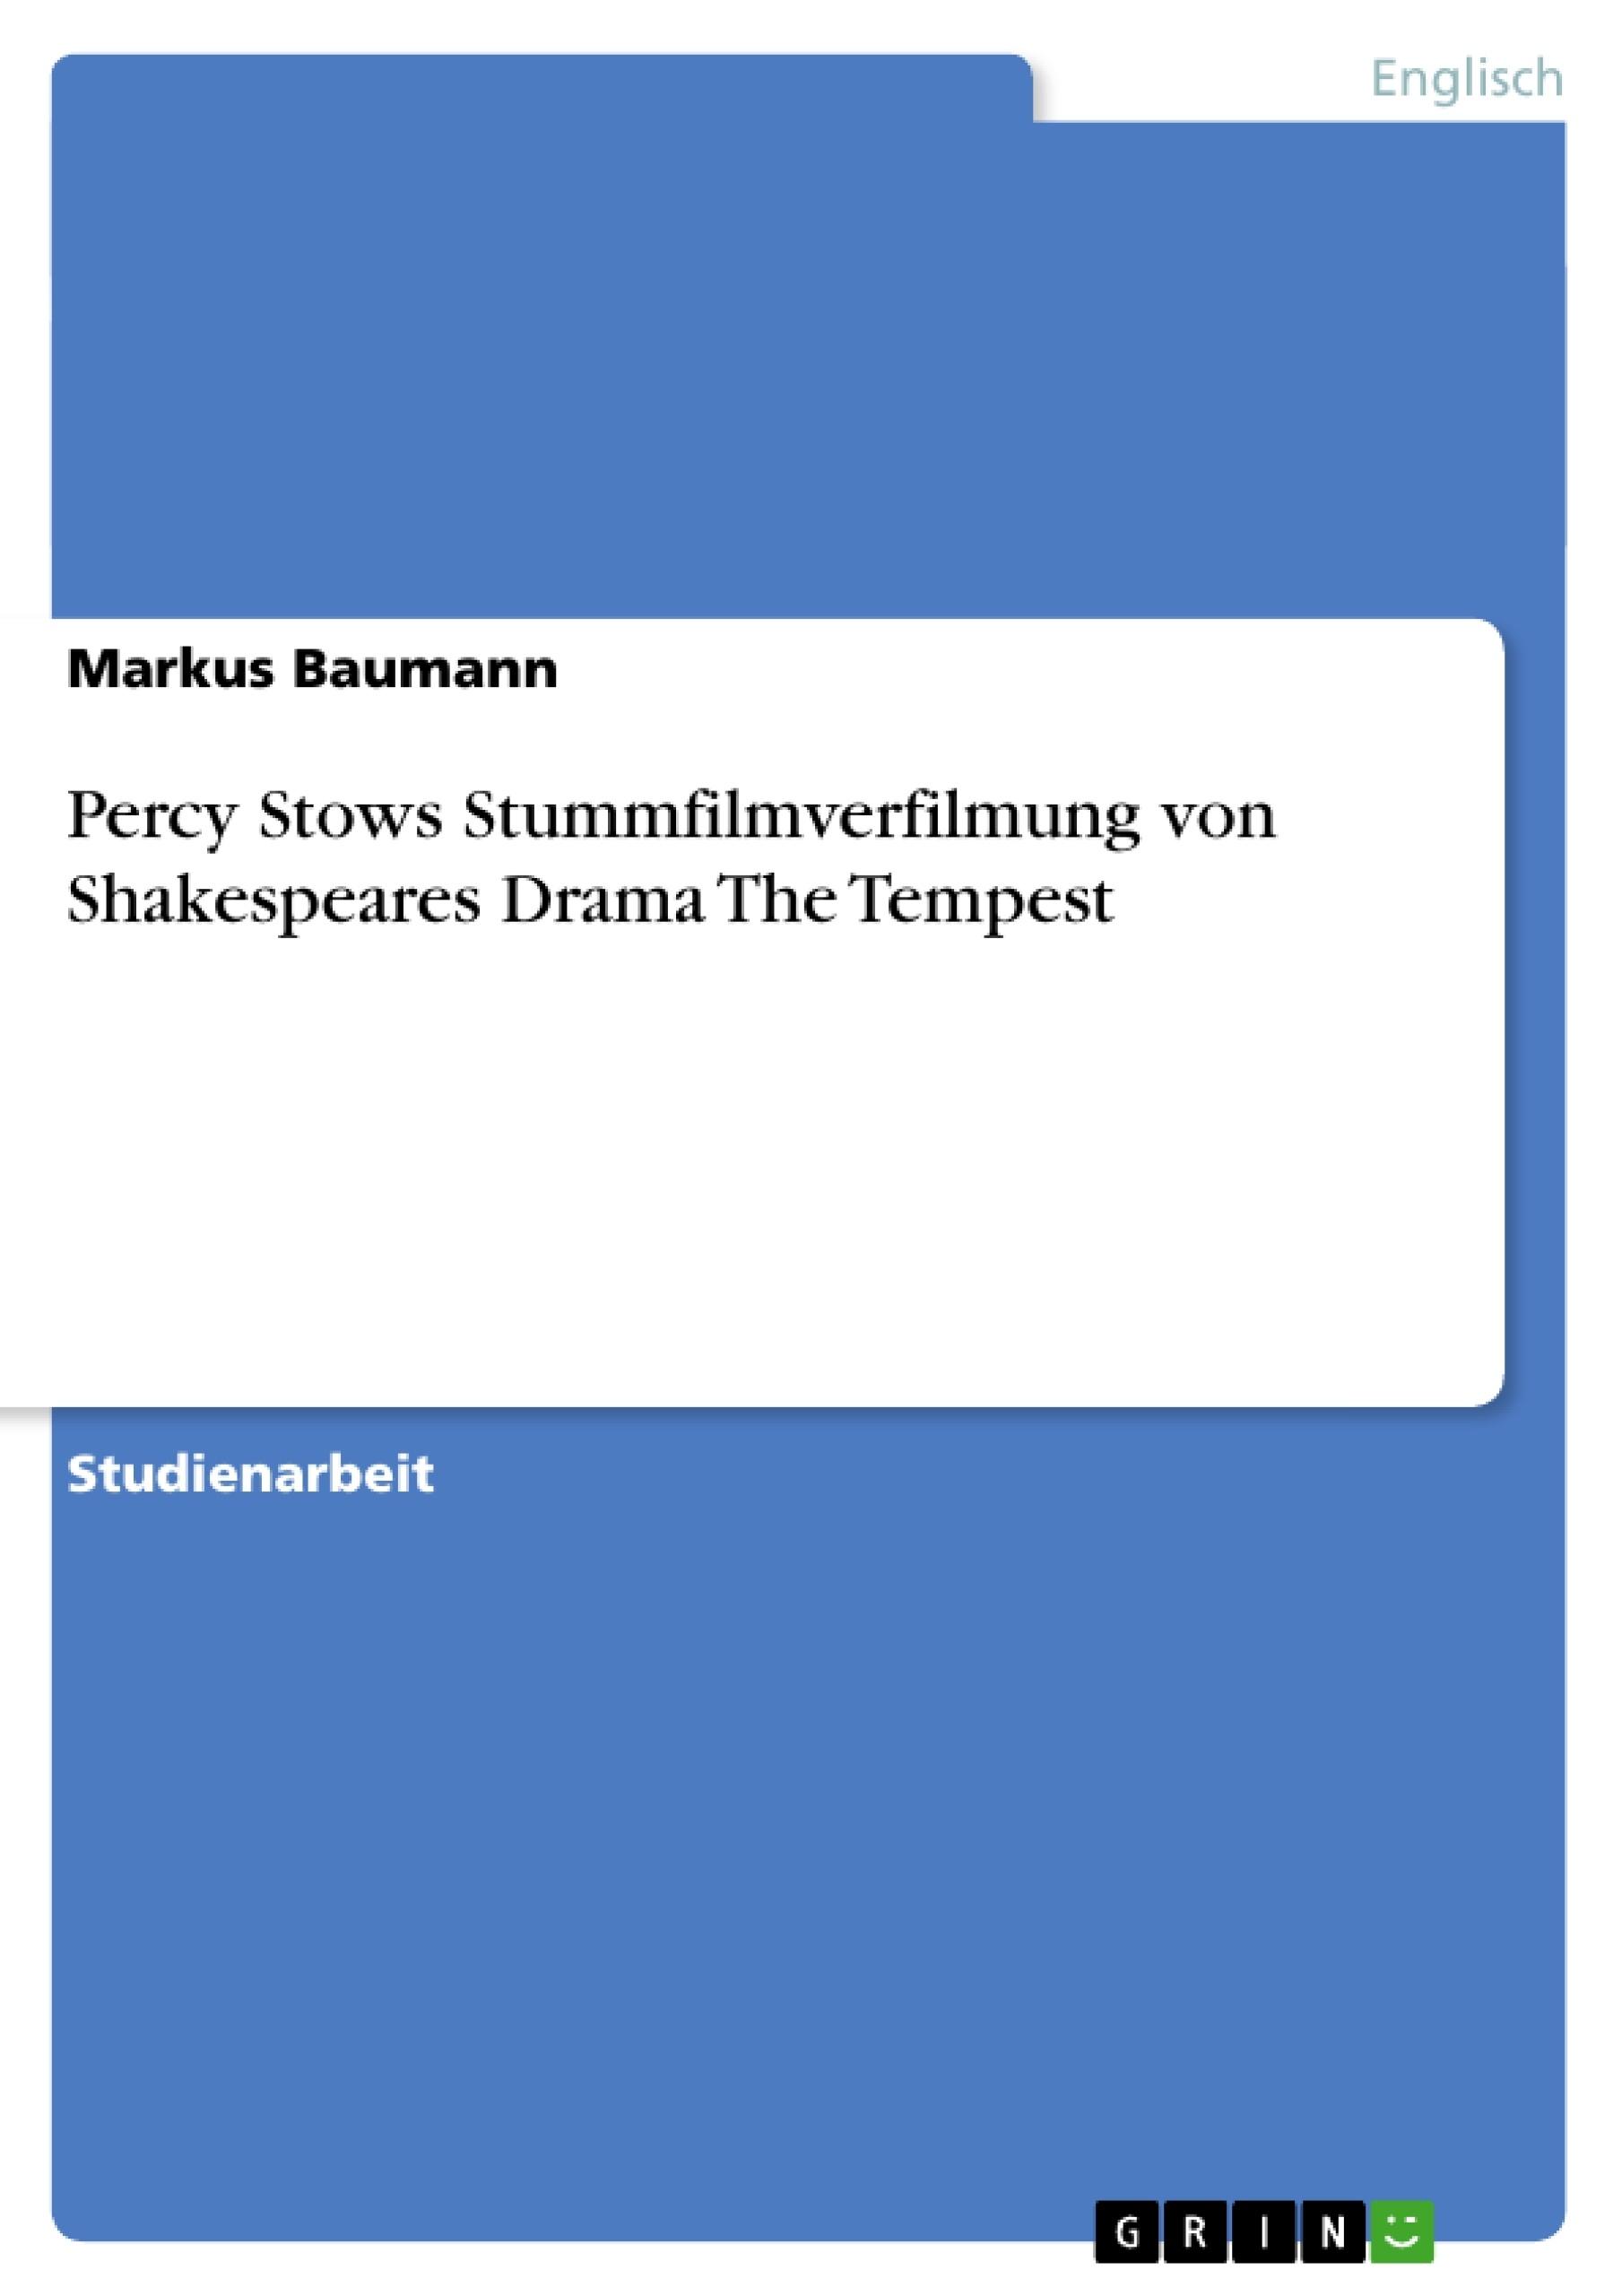 Titel: Percy Stows Stummfilmverfilmung von Shakespeares Drama The Tempest